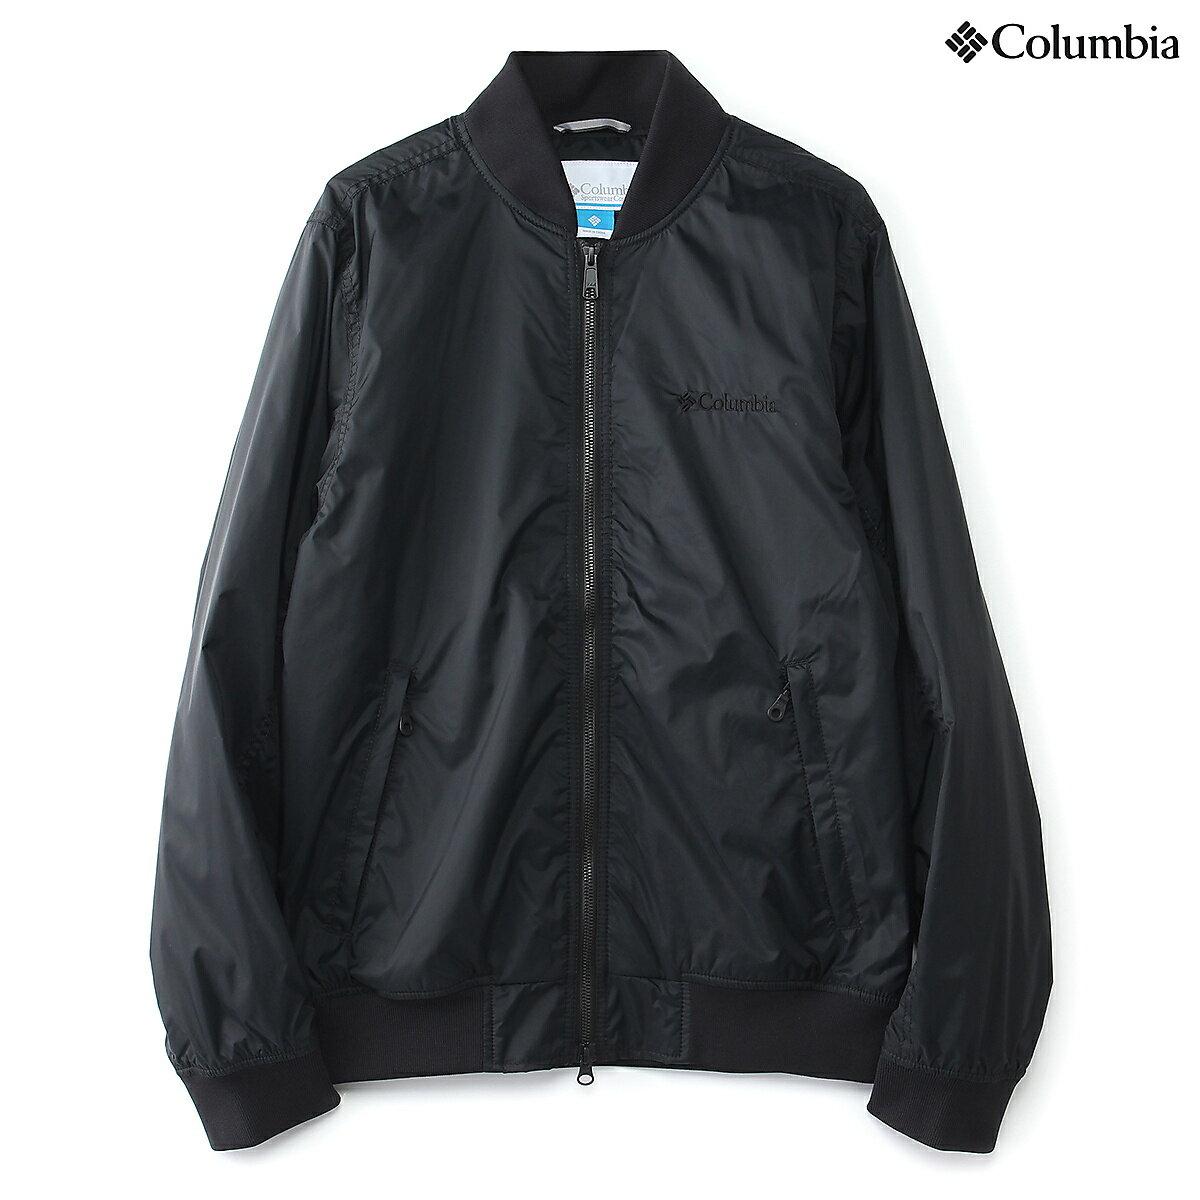 ● 【送料無料】 Columbia (コロンビア) トレッキング アウトドア 厚手ジャケット アメリカンボーダーパスジャケット メンズ BLACK PM5351-010